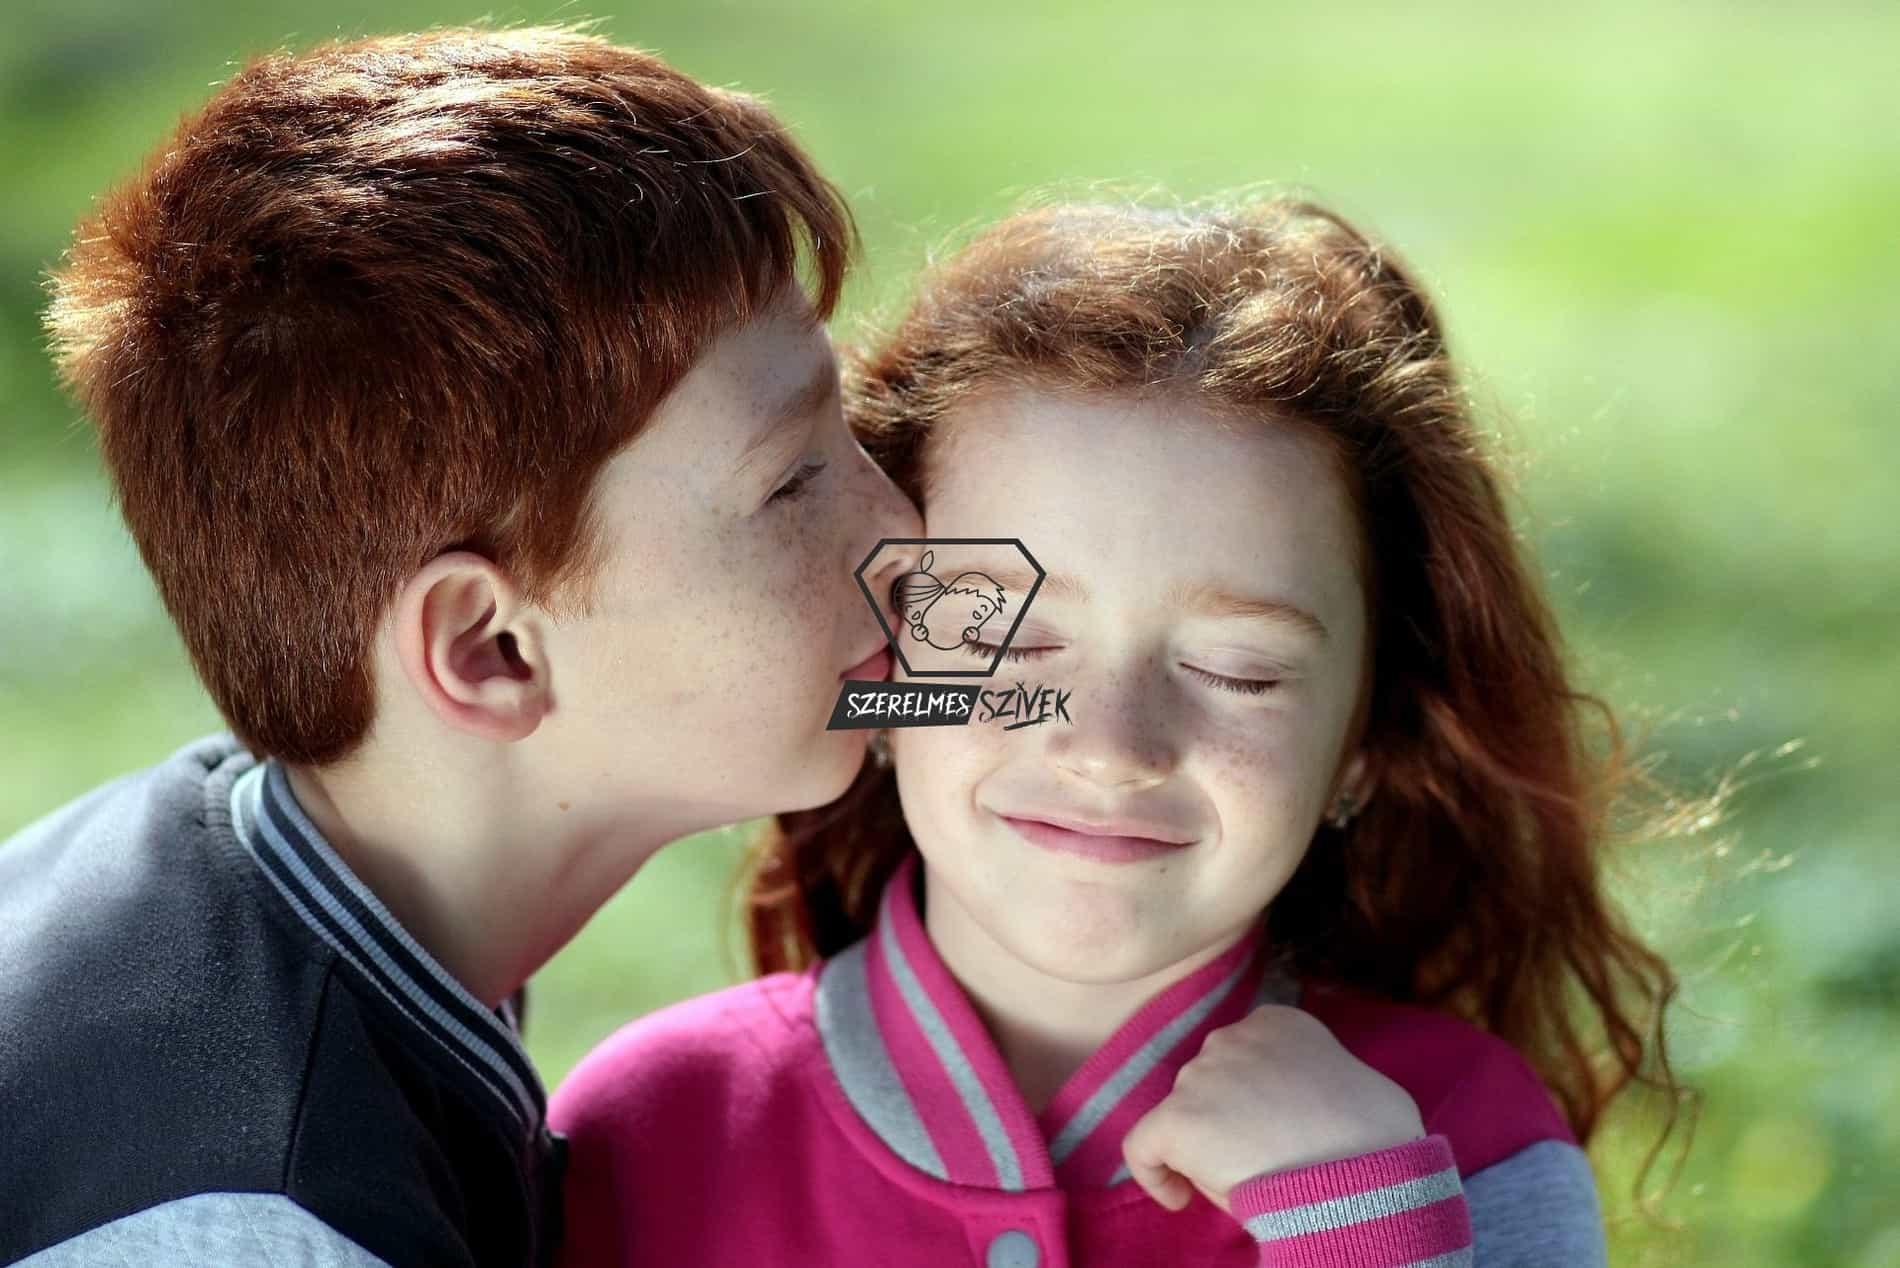 Az első csók egy fiú életében